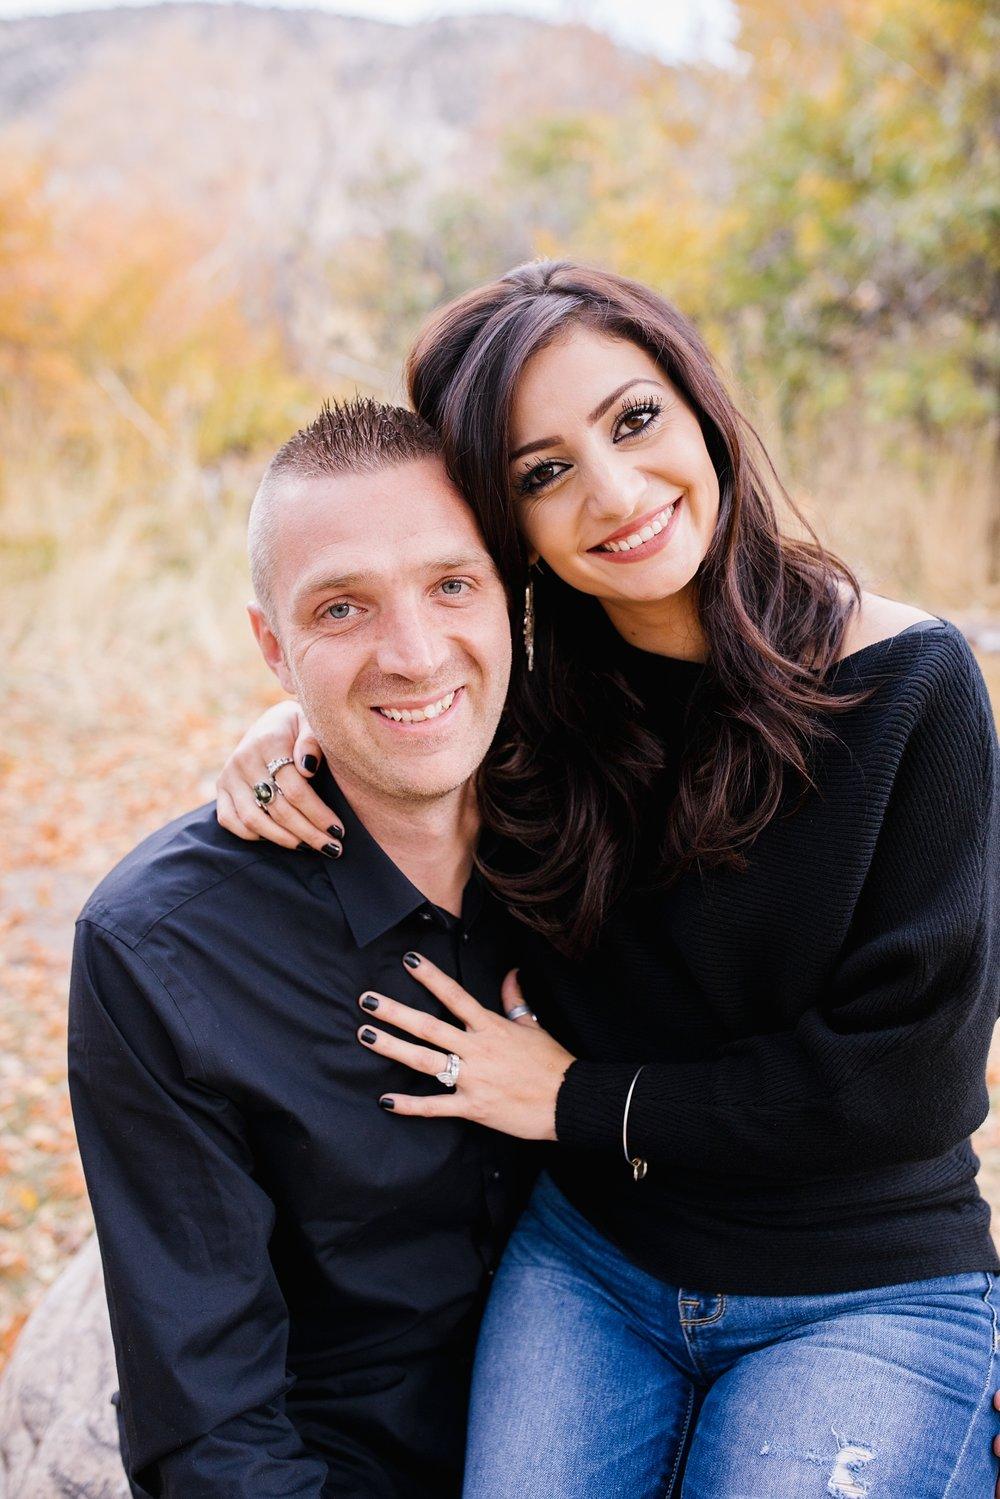 Tischner-28_Lizzie-B-Imagery-Utah-Family-Photographer-Park-City-Salt-Lake-City-Nephi-Utah.jpg